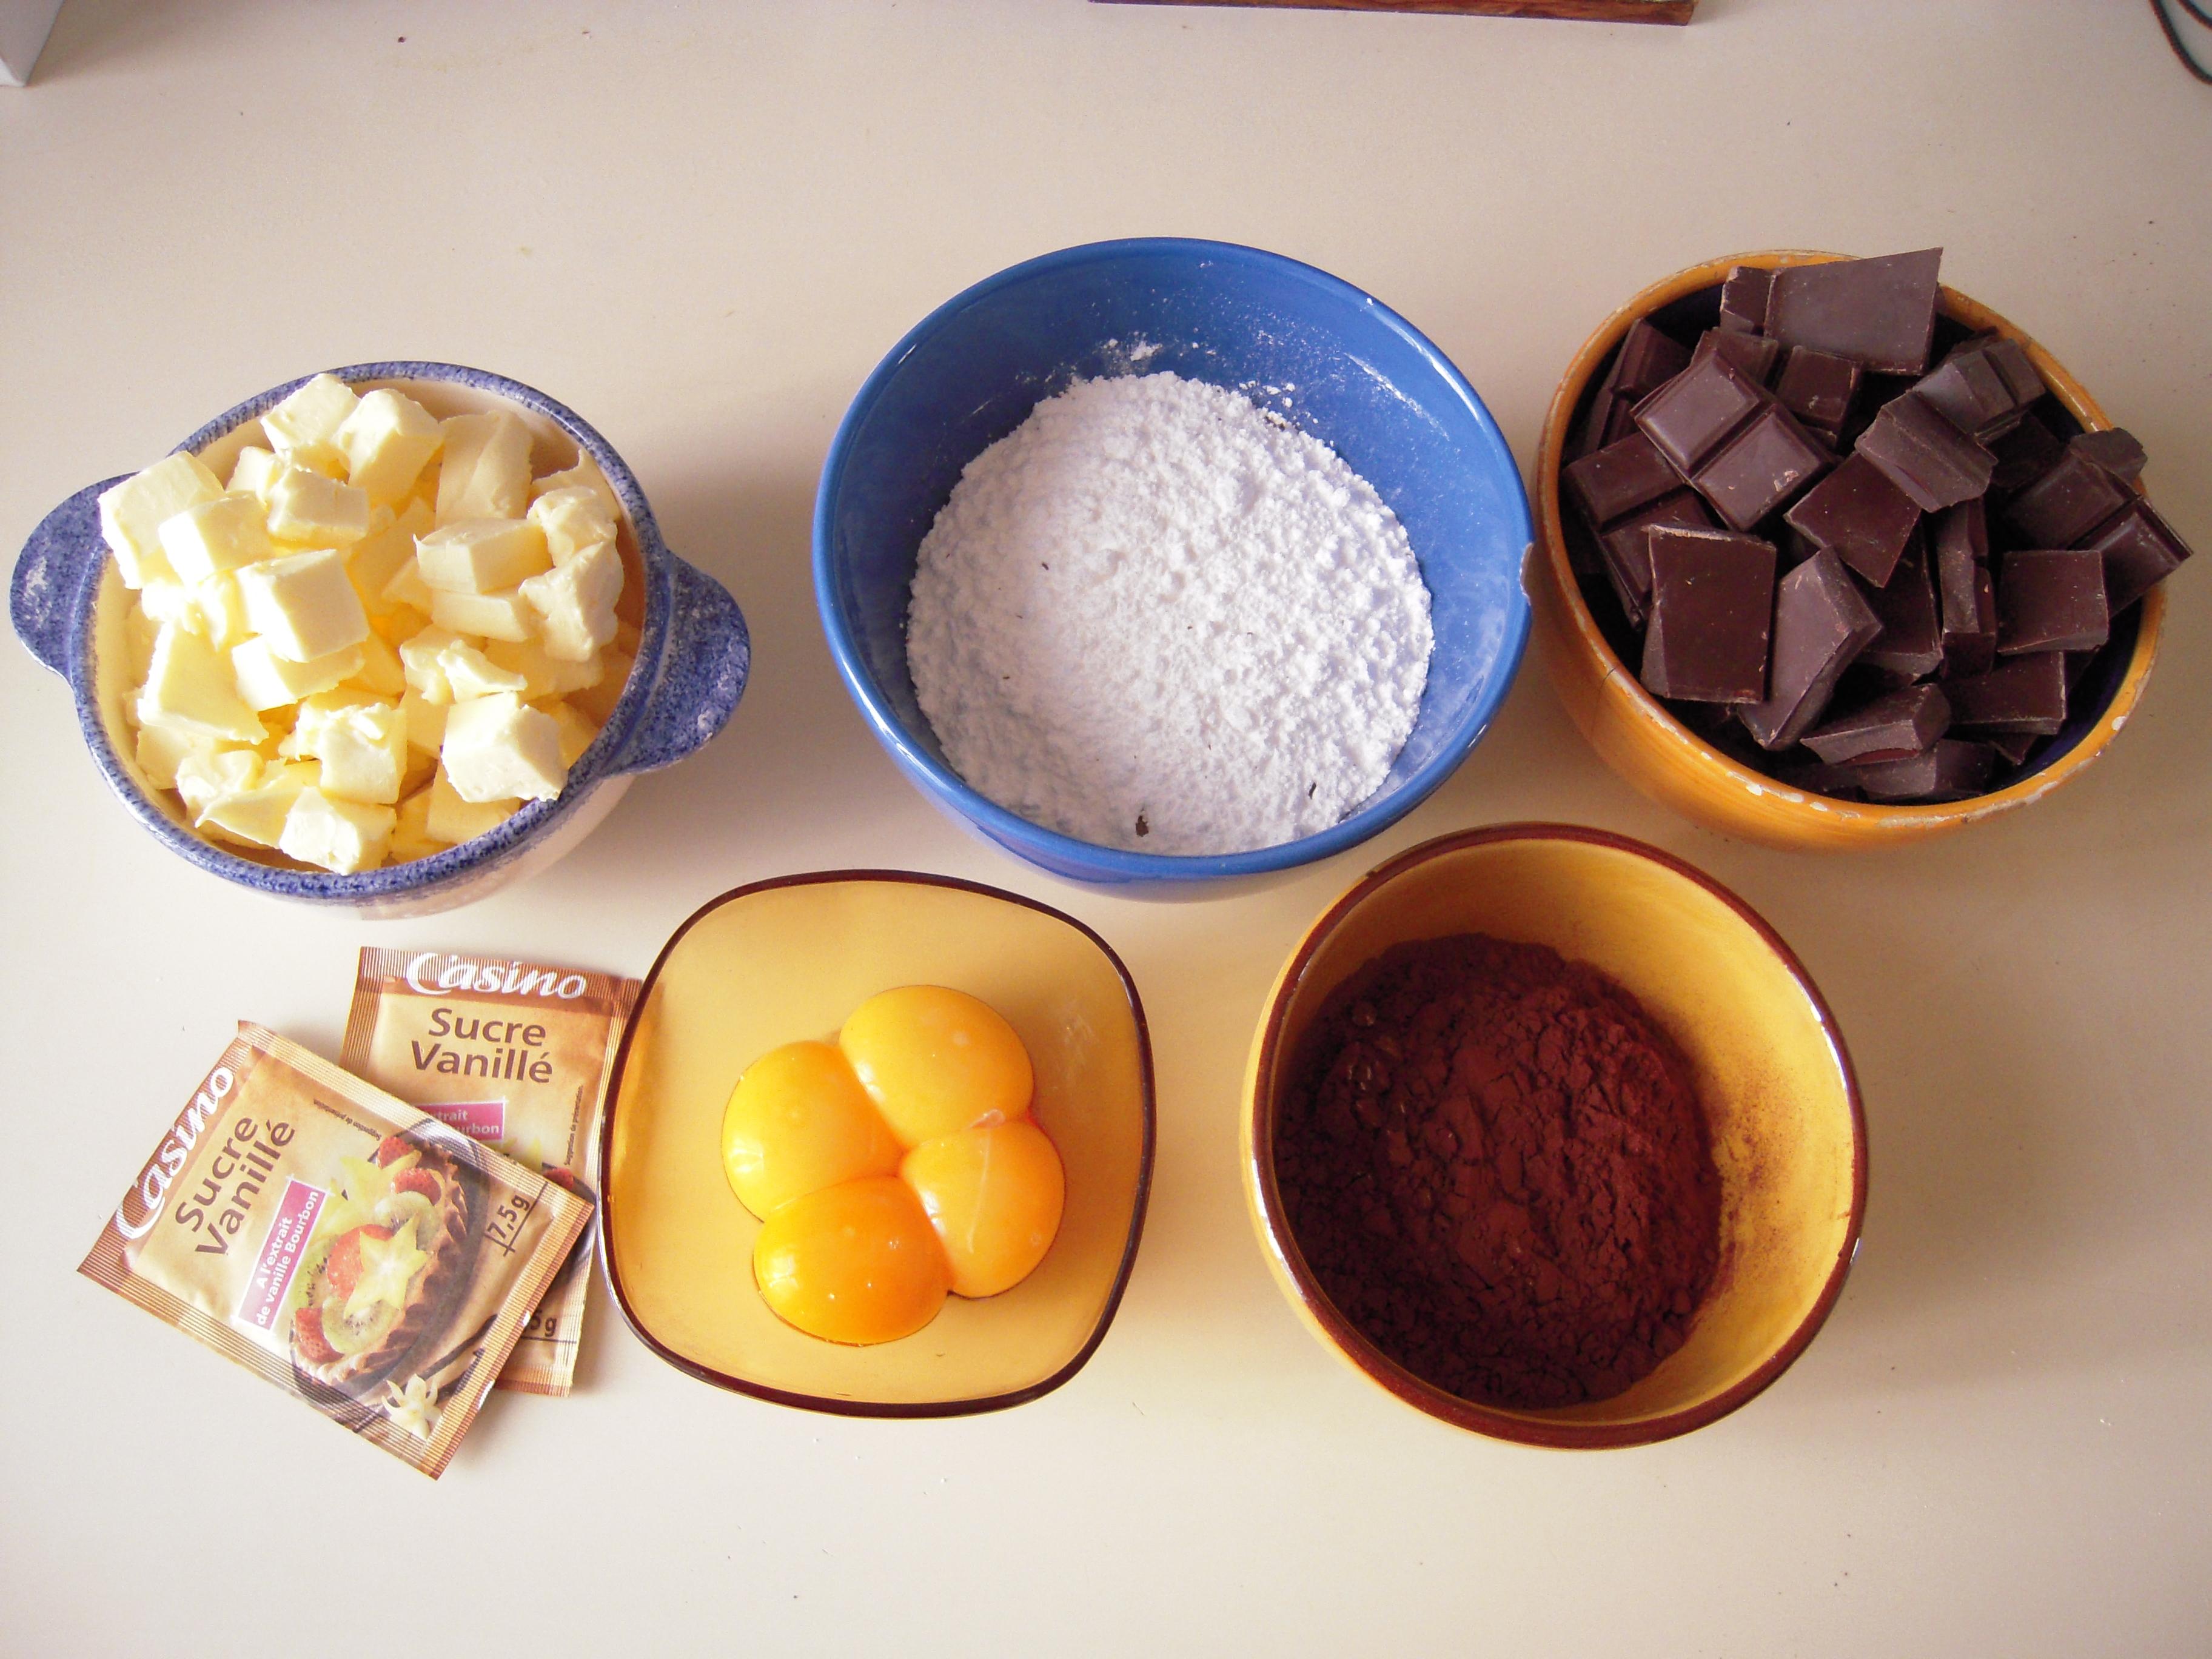 Truffes au chocolat !  dans Bonne humeur ! dscn1865